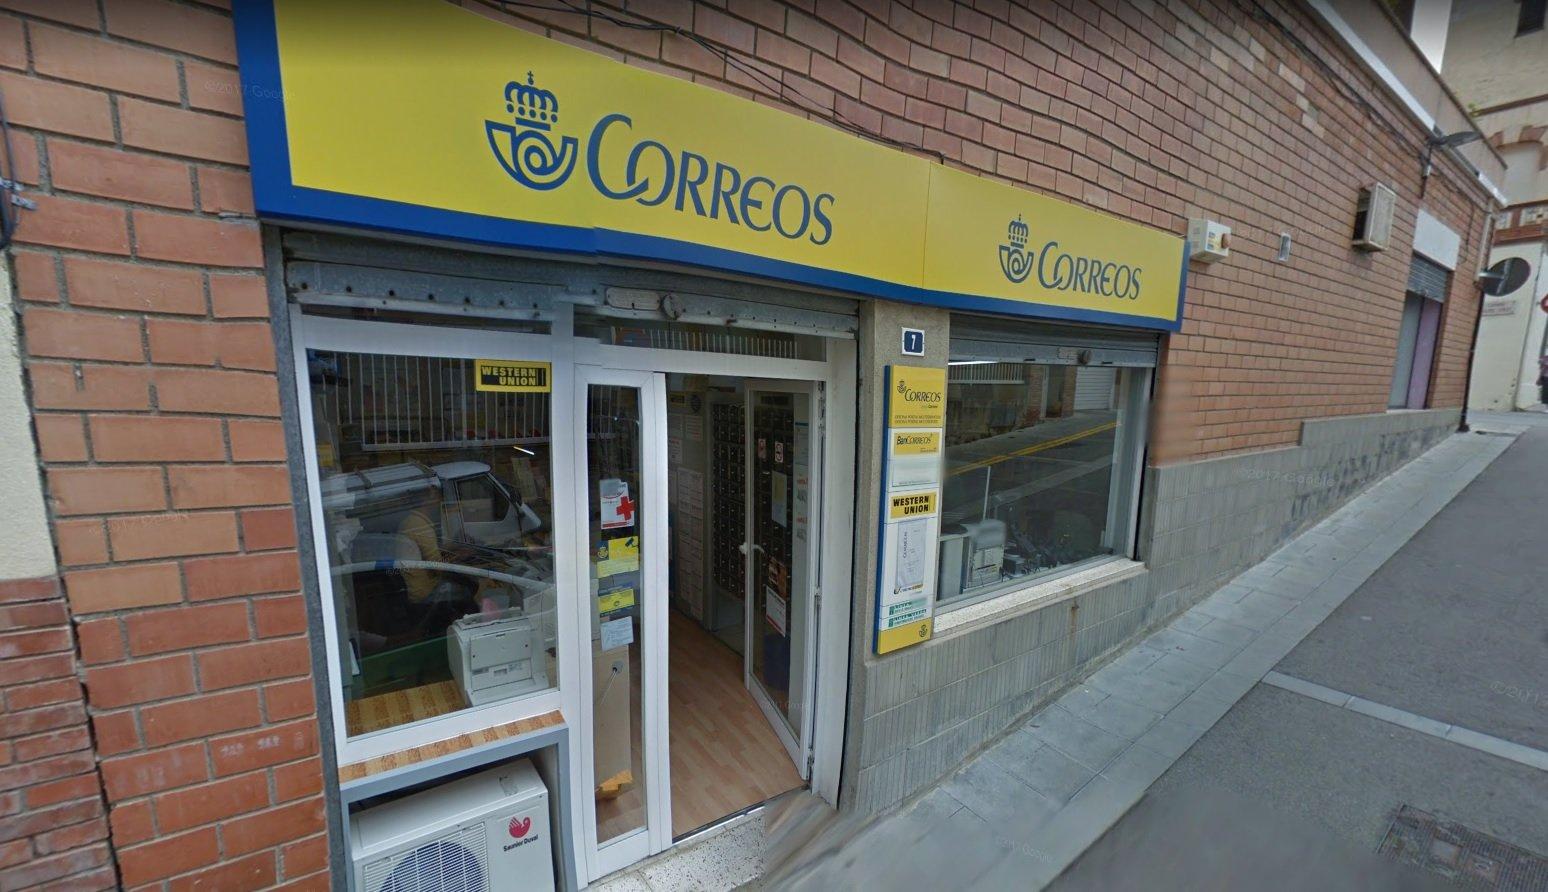 Los enigm ticos atracos en oficinas de correos for Oficina correos barcelona